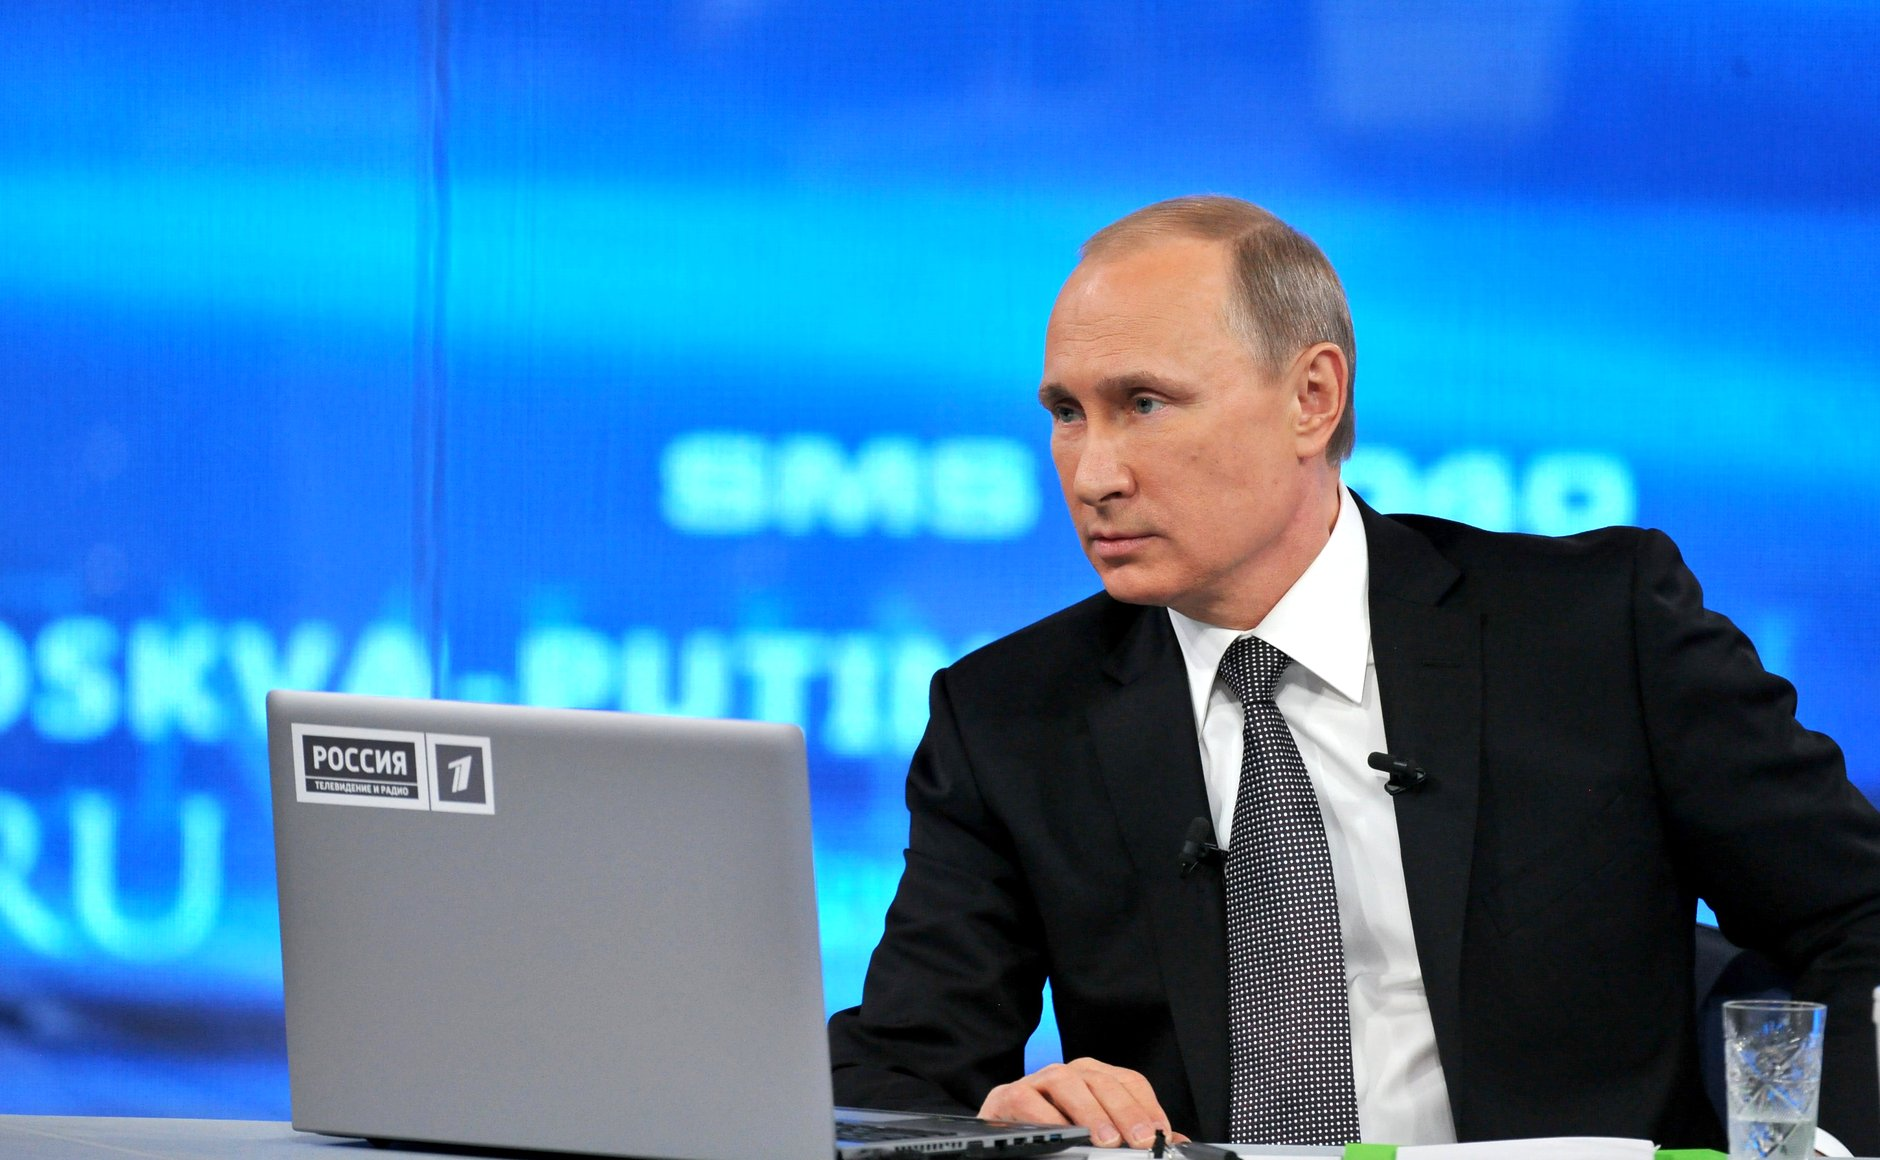 http://mininformrd.ru/media_library/%d0%b2-%d1%8d%d1%84%d0%b8%d1%80%d0%b5-%d1%82%d0%b5%d0%bb%d0%b5%d0%ba%d0%b0%d0%bd%d0%b0%d0%bb%d0%be%d0%b2-%d0%bf%d0%b5%d1%80%d0%b2%d1%8b%d0%b9-%d1%80%d0%be%d1%81%d1%81%d0%b8%d1%8f-1/